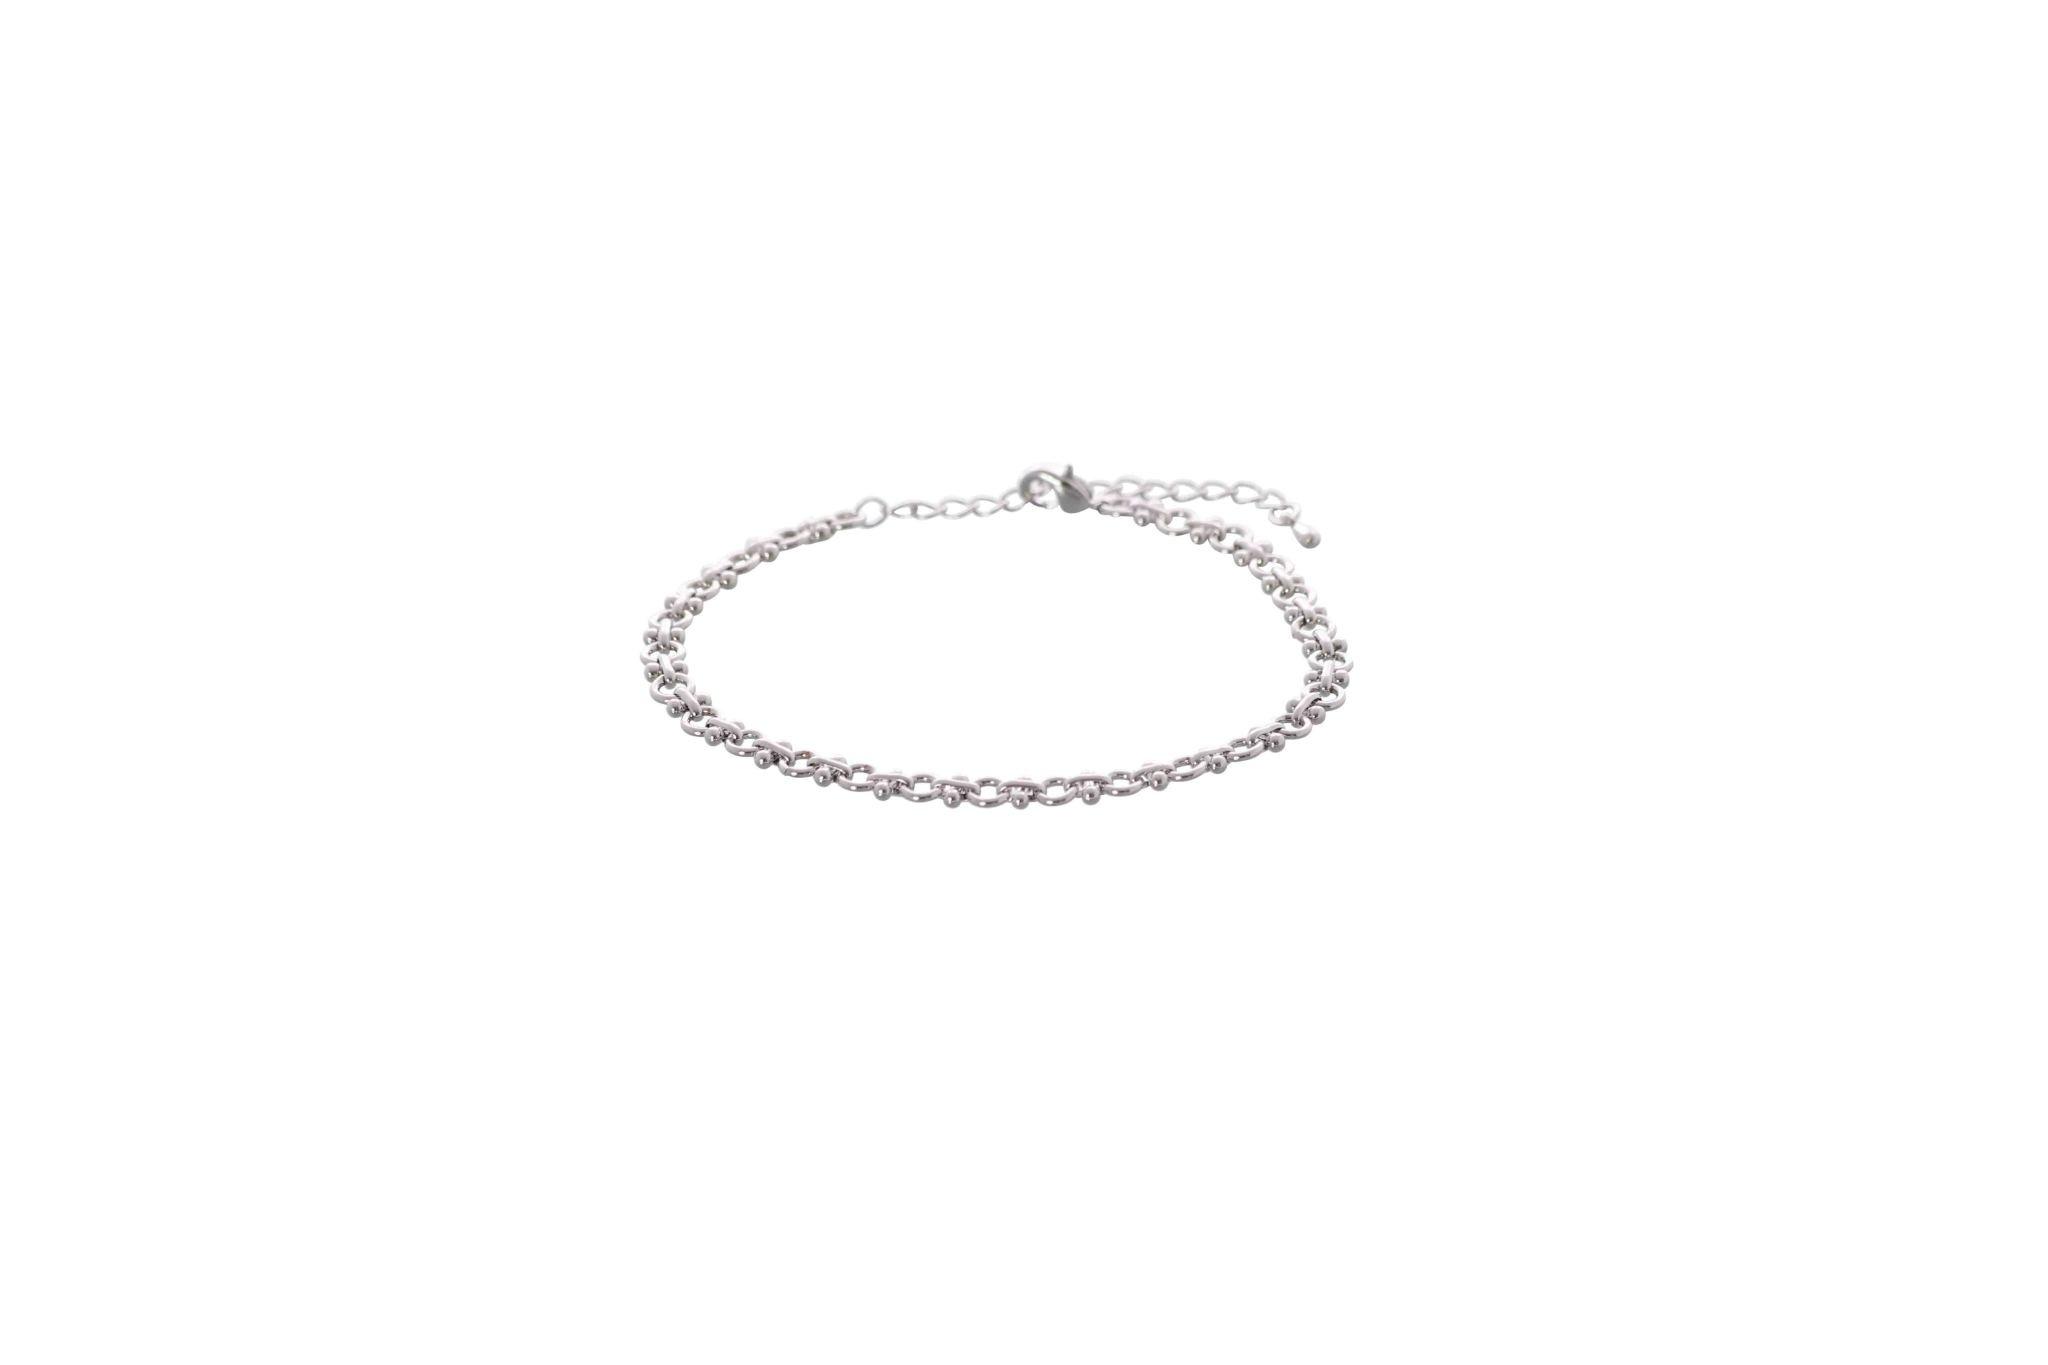 Small Fancy Chain Bracelet